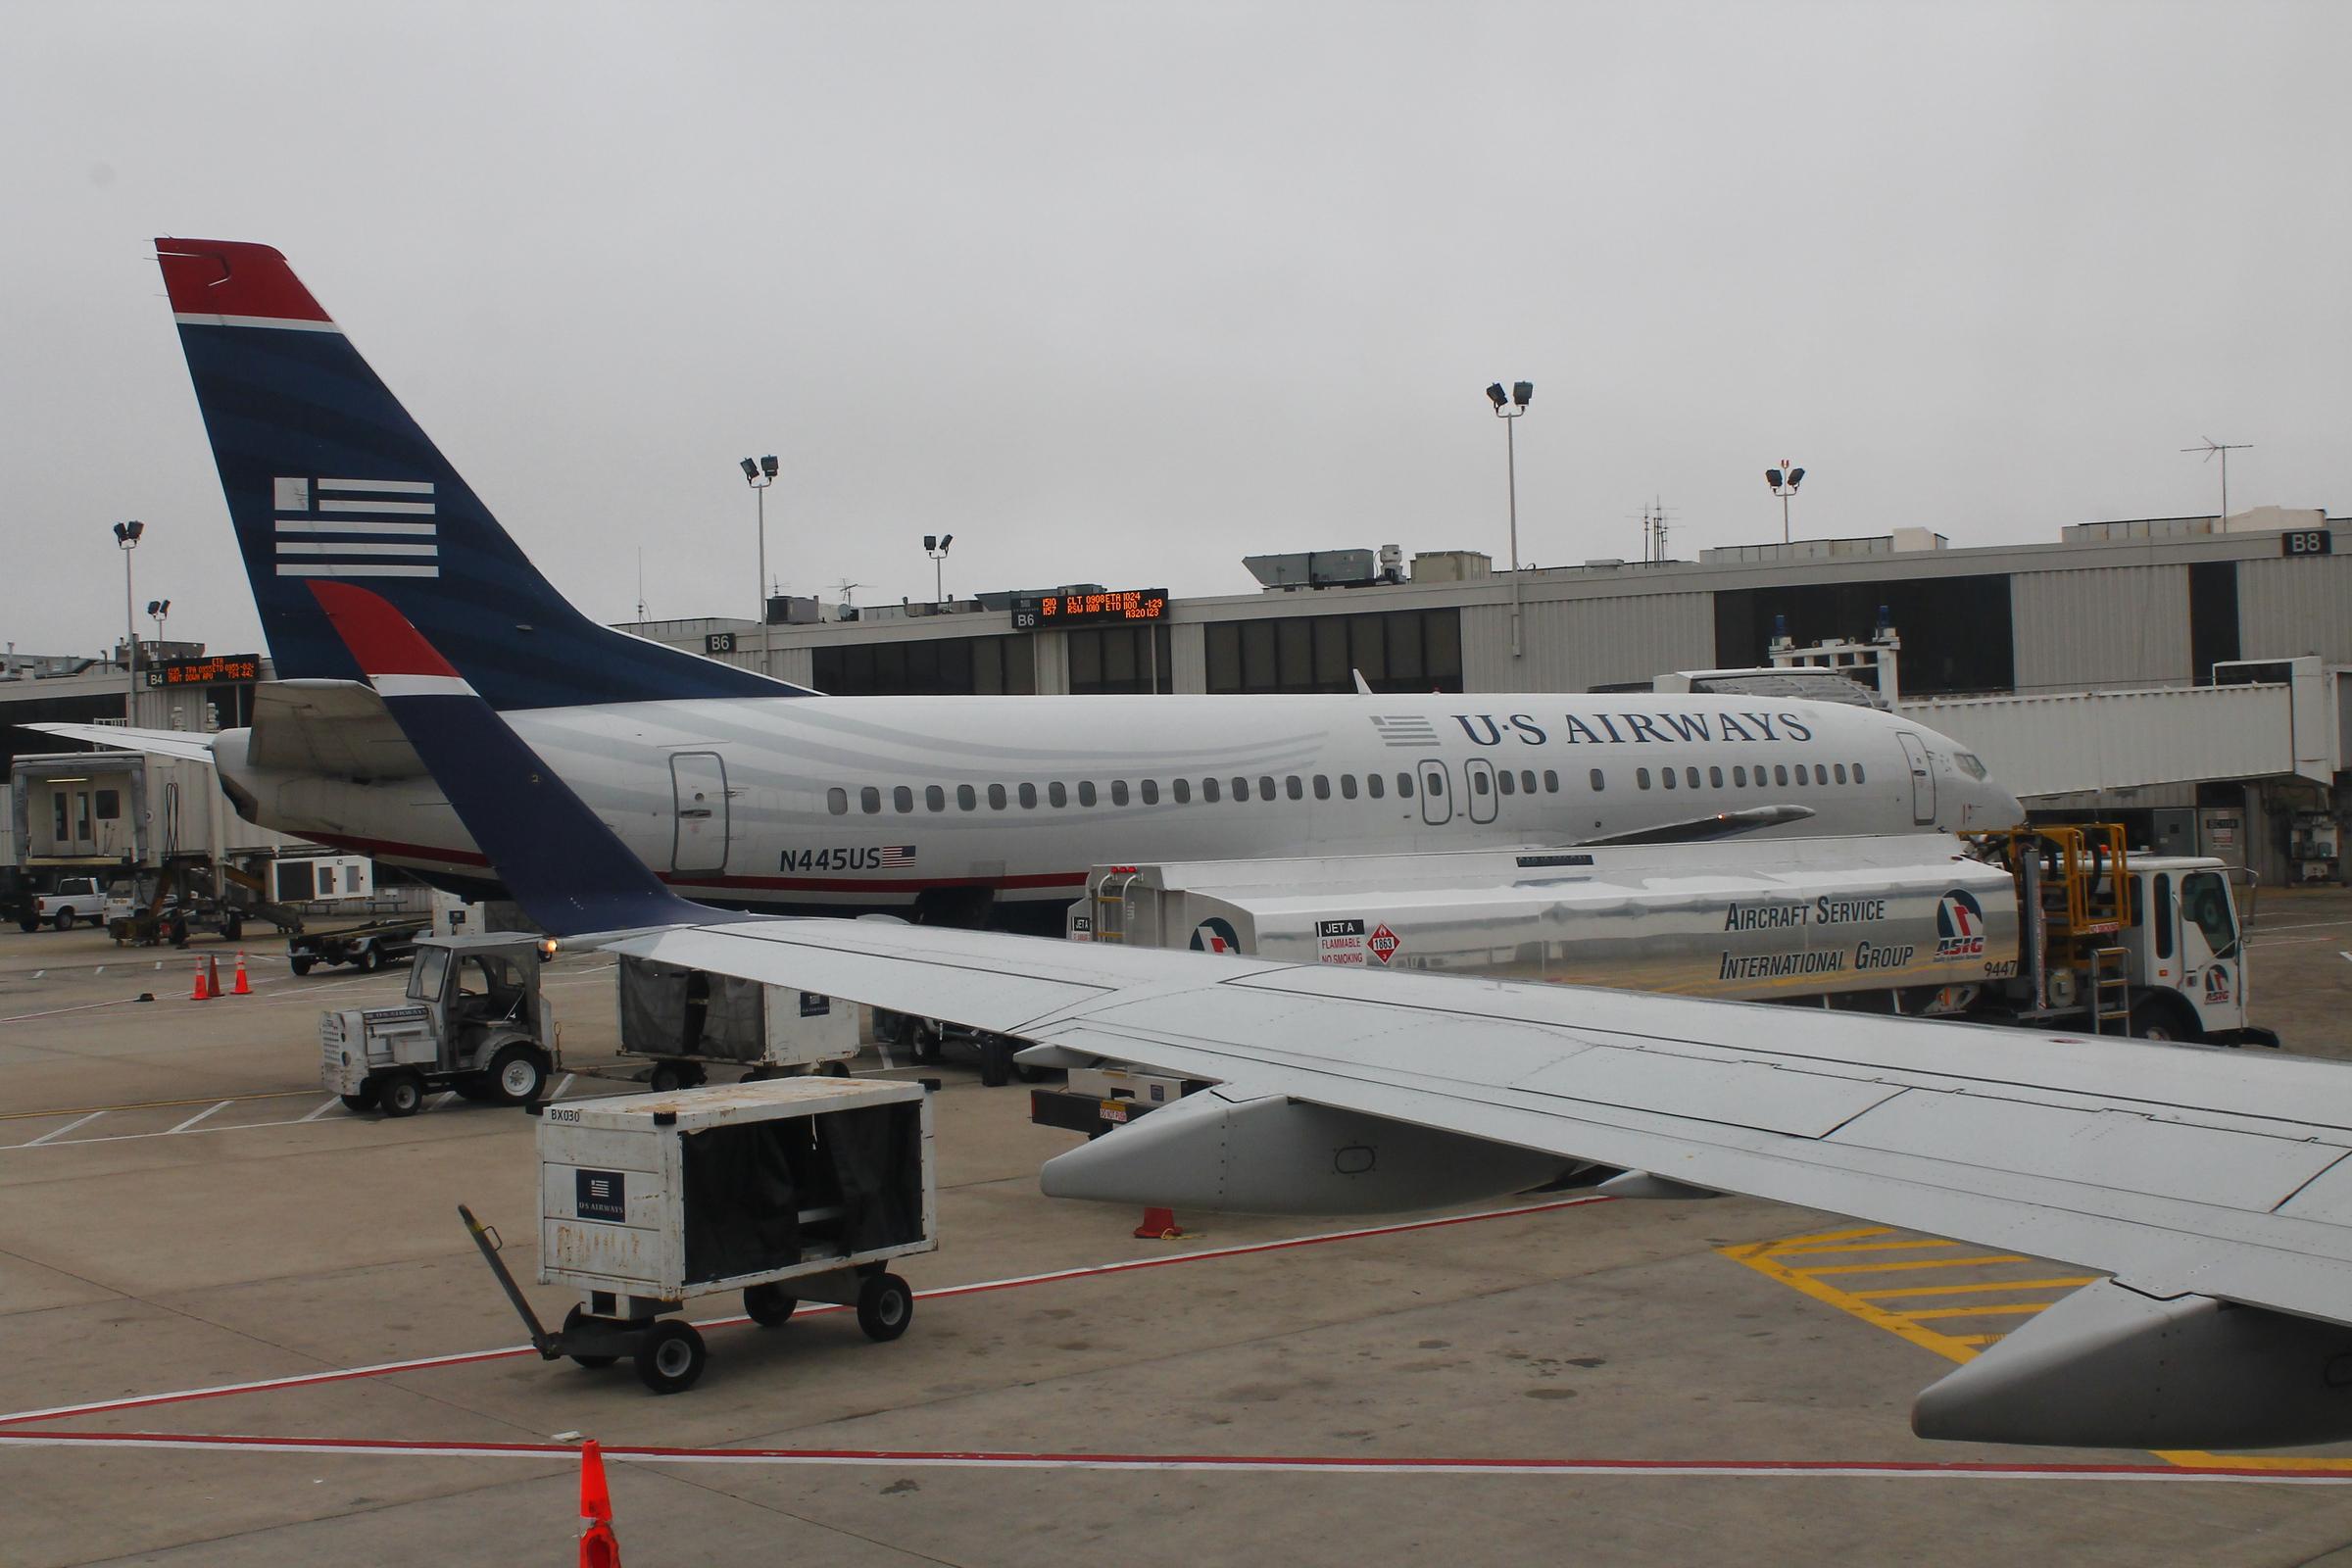 File:US Airways N445US Boeing 737-400 (35035580340) jpg